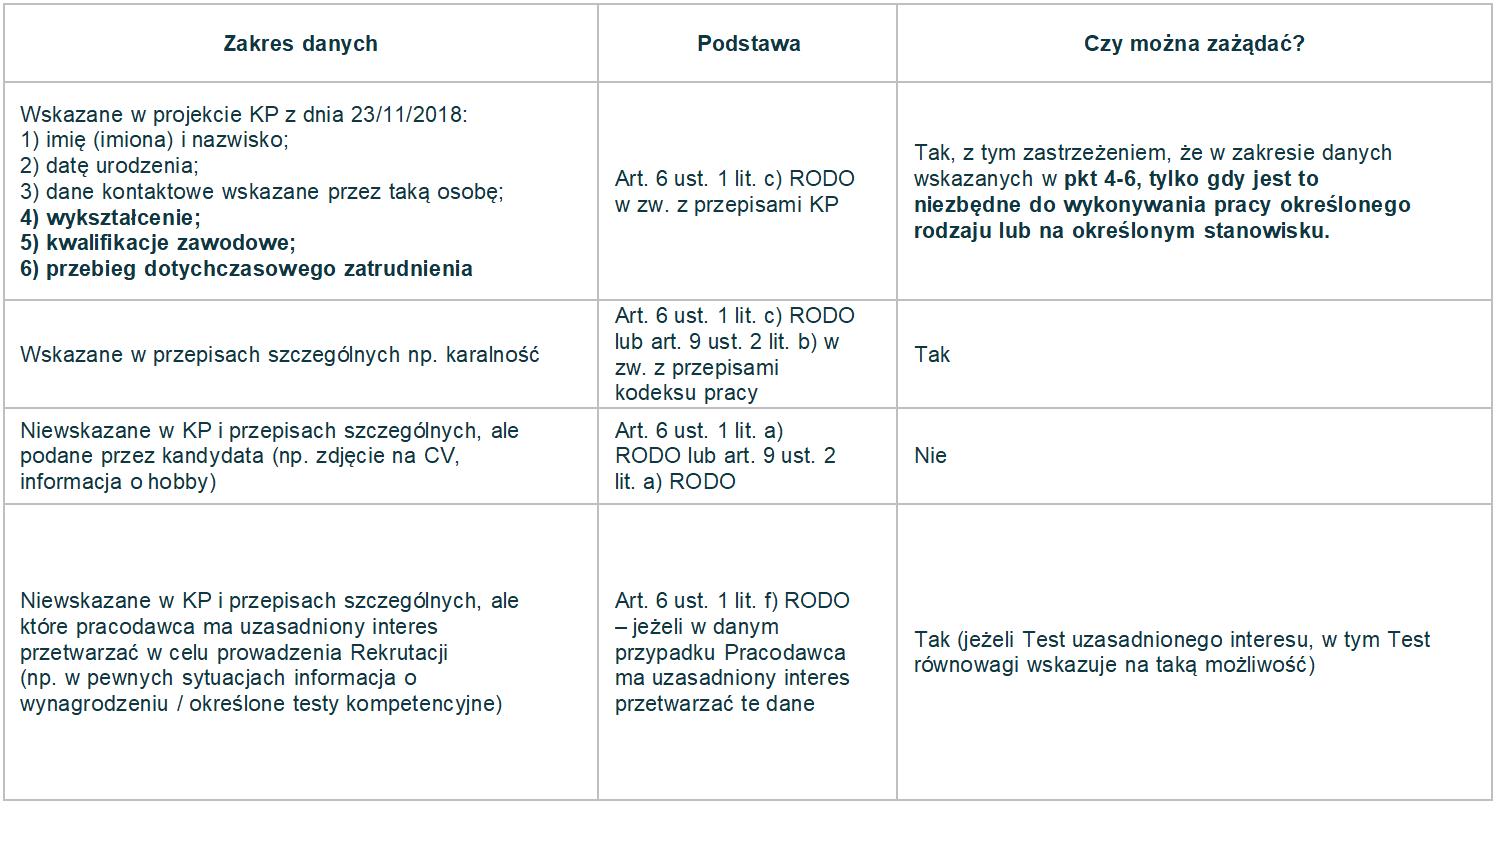 Źródło: Projekt Kodeksu Ochrony Danych Osobowych w Rekrutacji, RODOwrekrutacji.pl